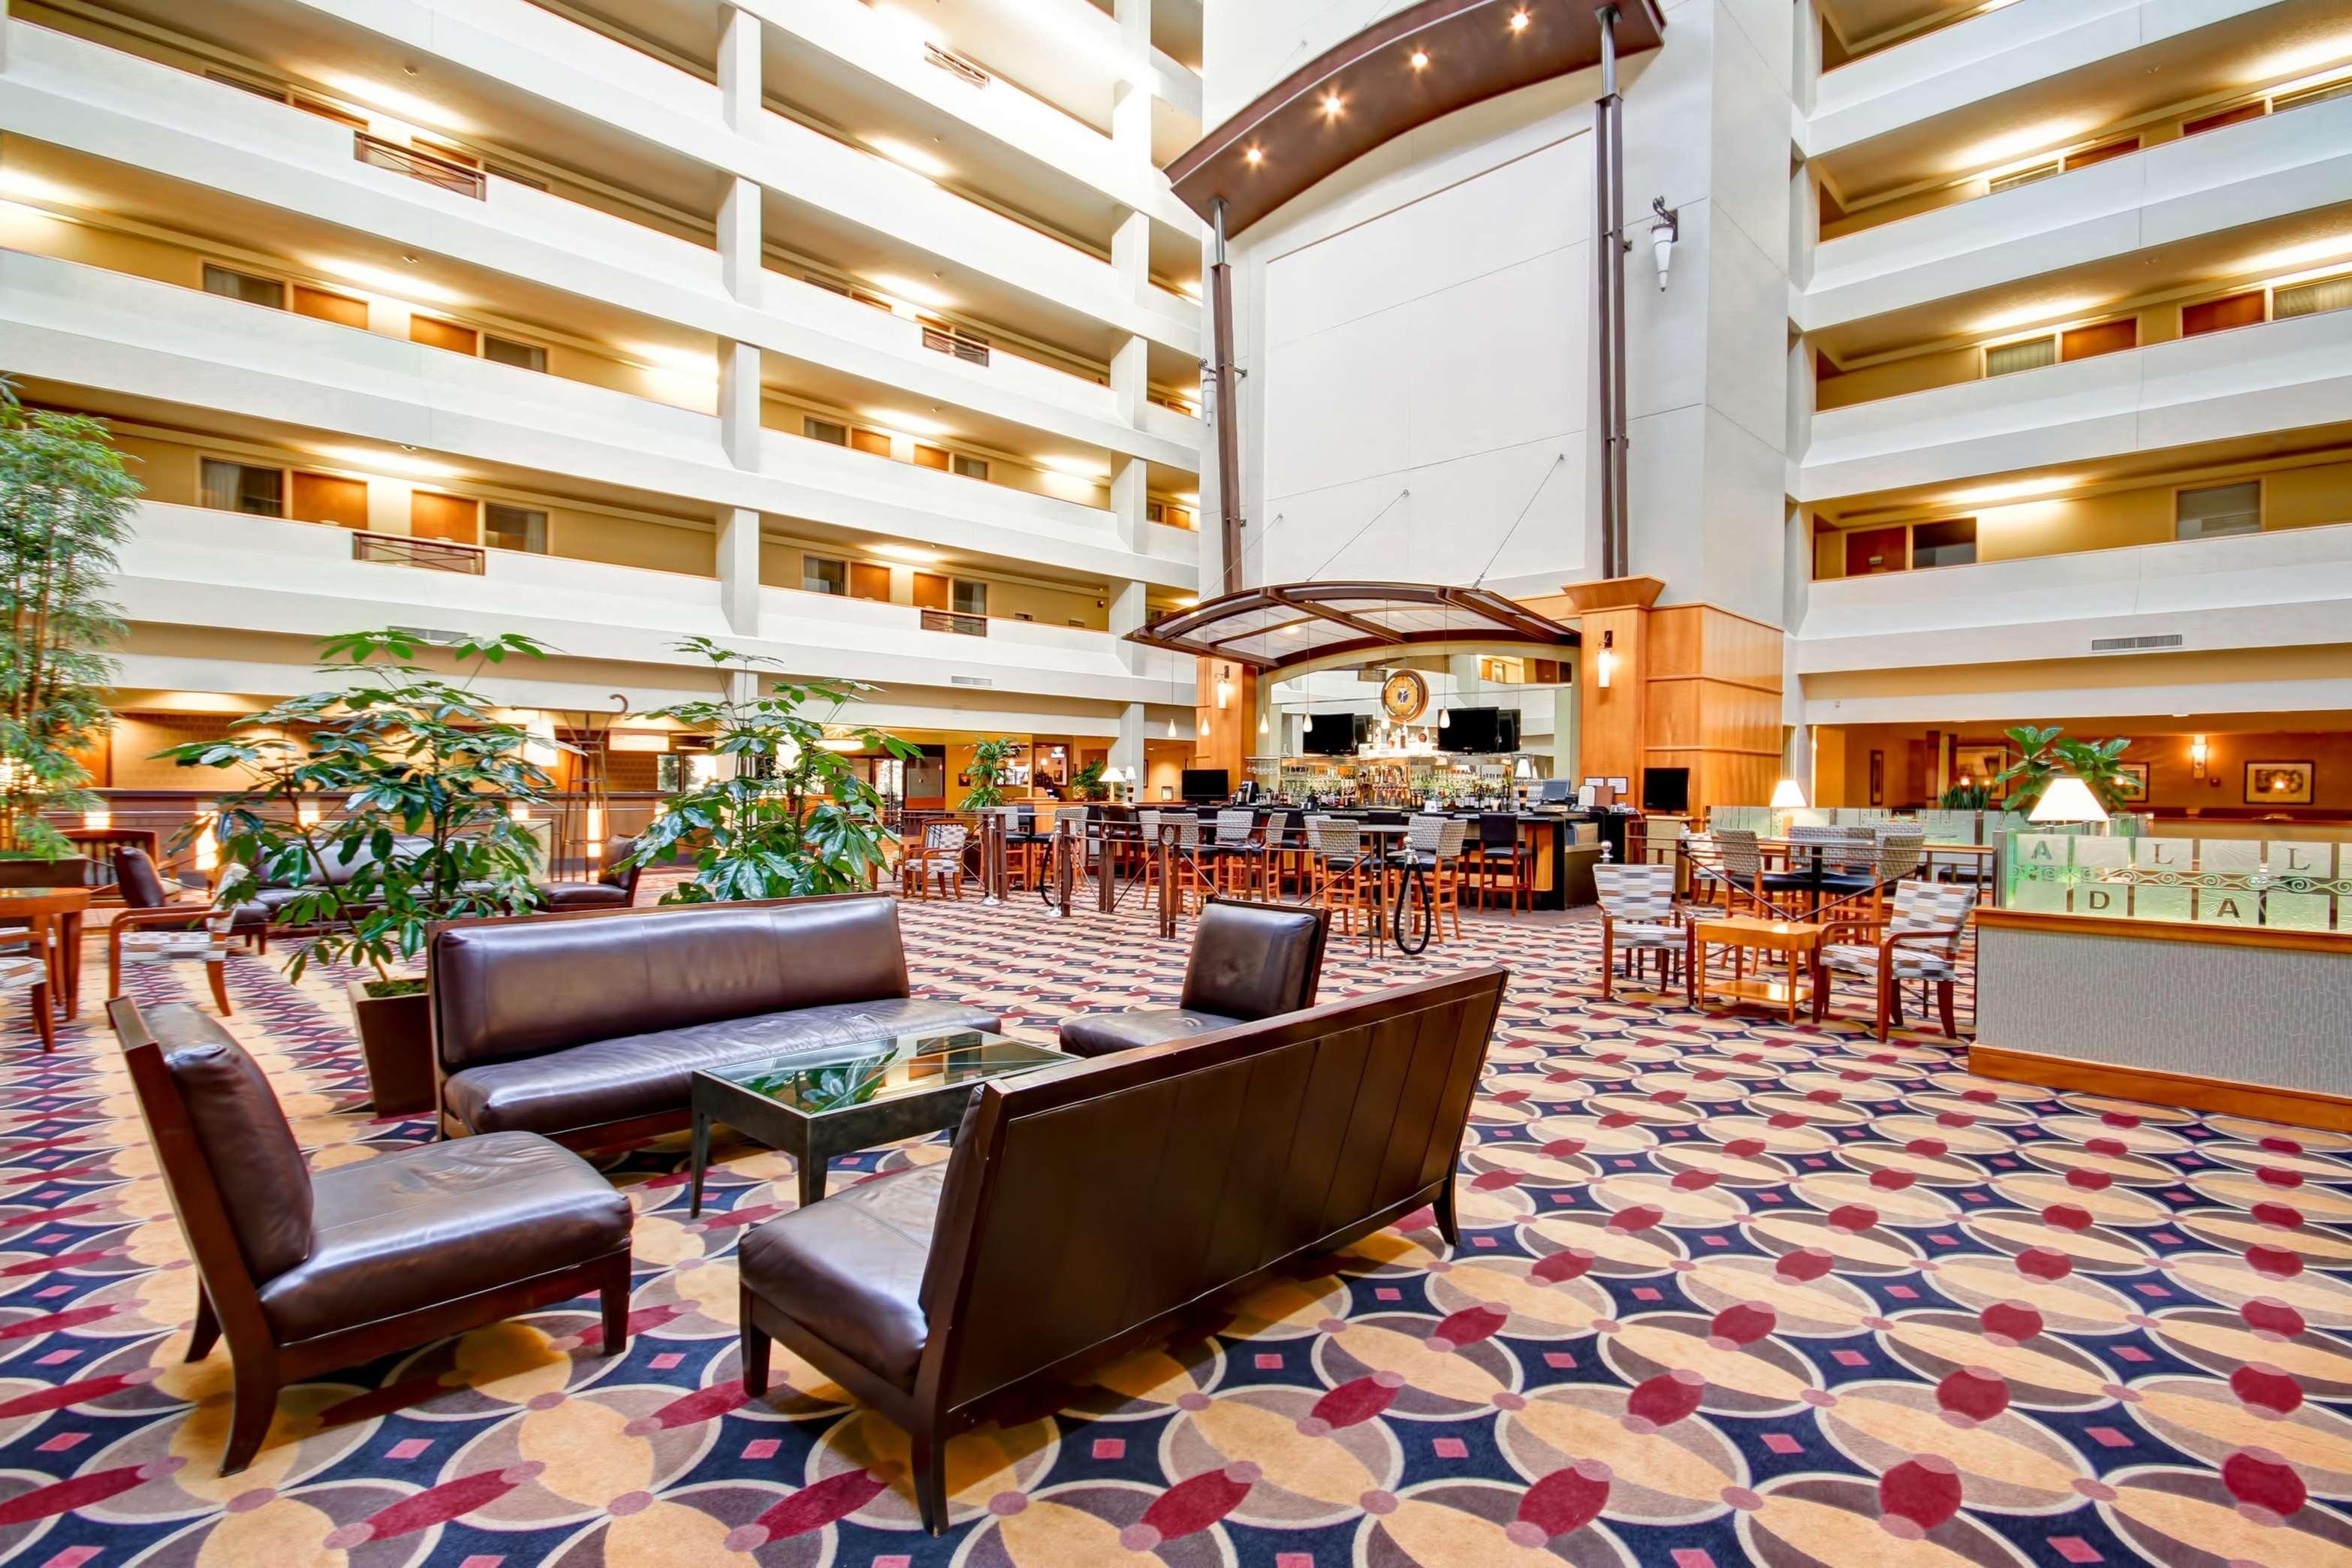 Hotels Near Seattle Bellevue Hotel Hilton Bellevue Hotel Lobster House